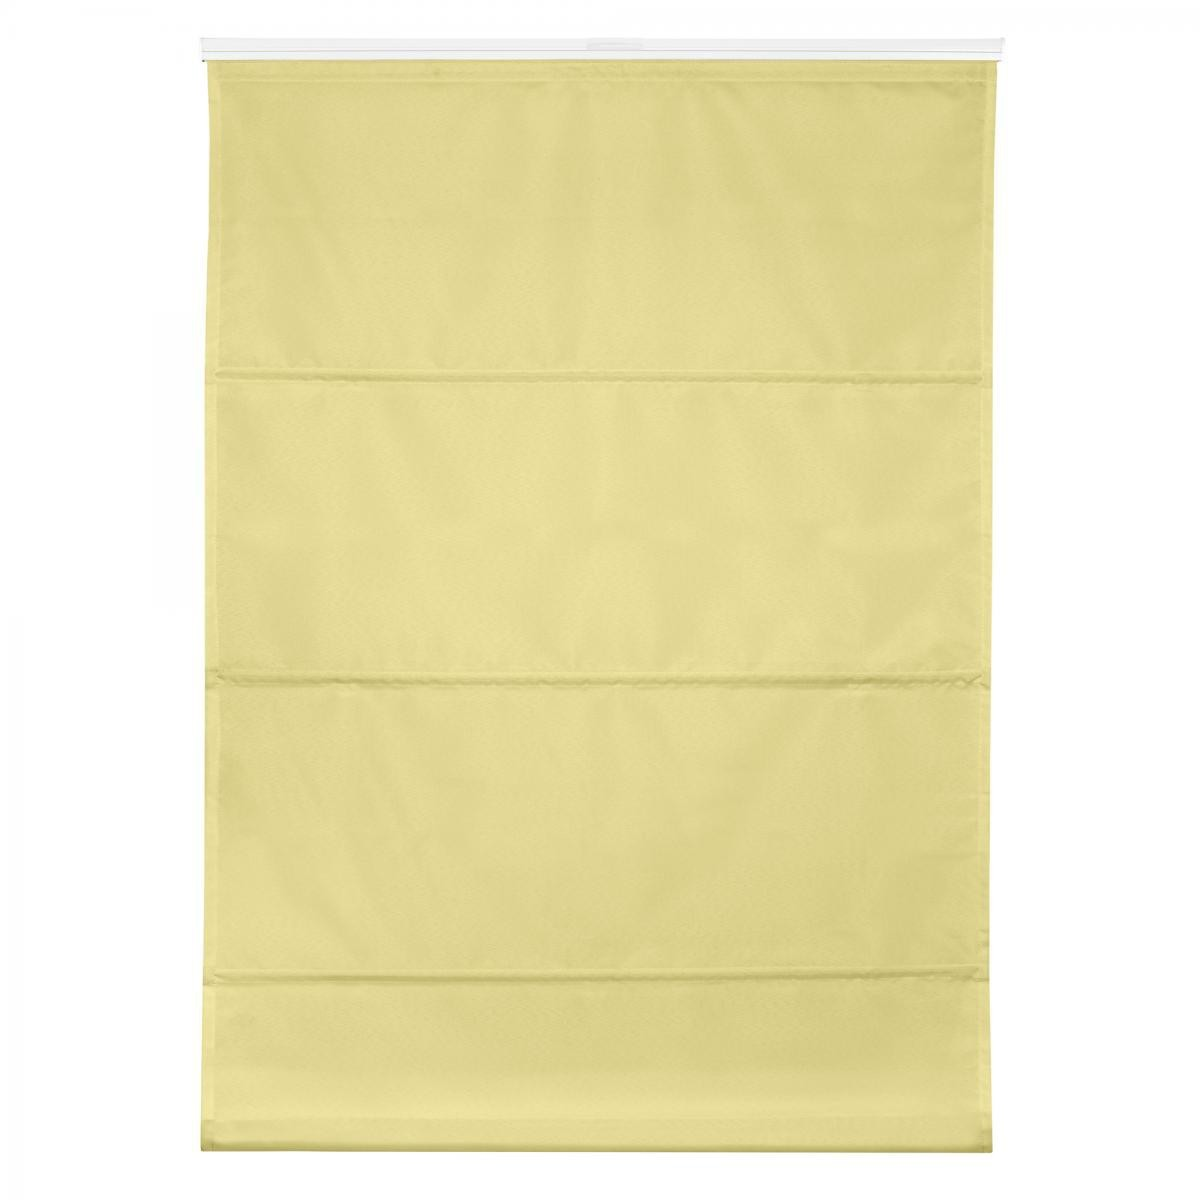 Bild 1 von Lichtblick Raffrollo Klemmfix TOP, ohne Bohren, verspannt Gelb, 110 cm x 130 cm (B x L)